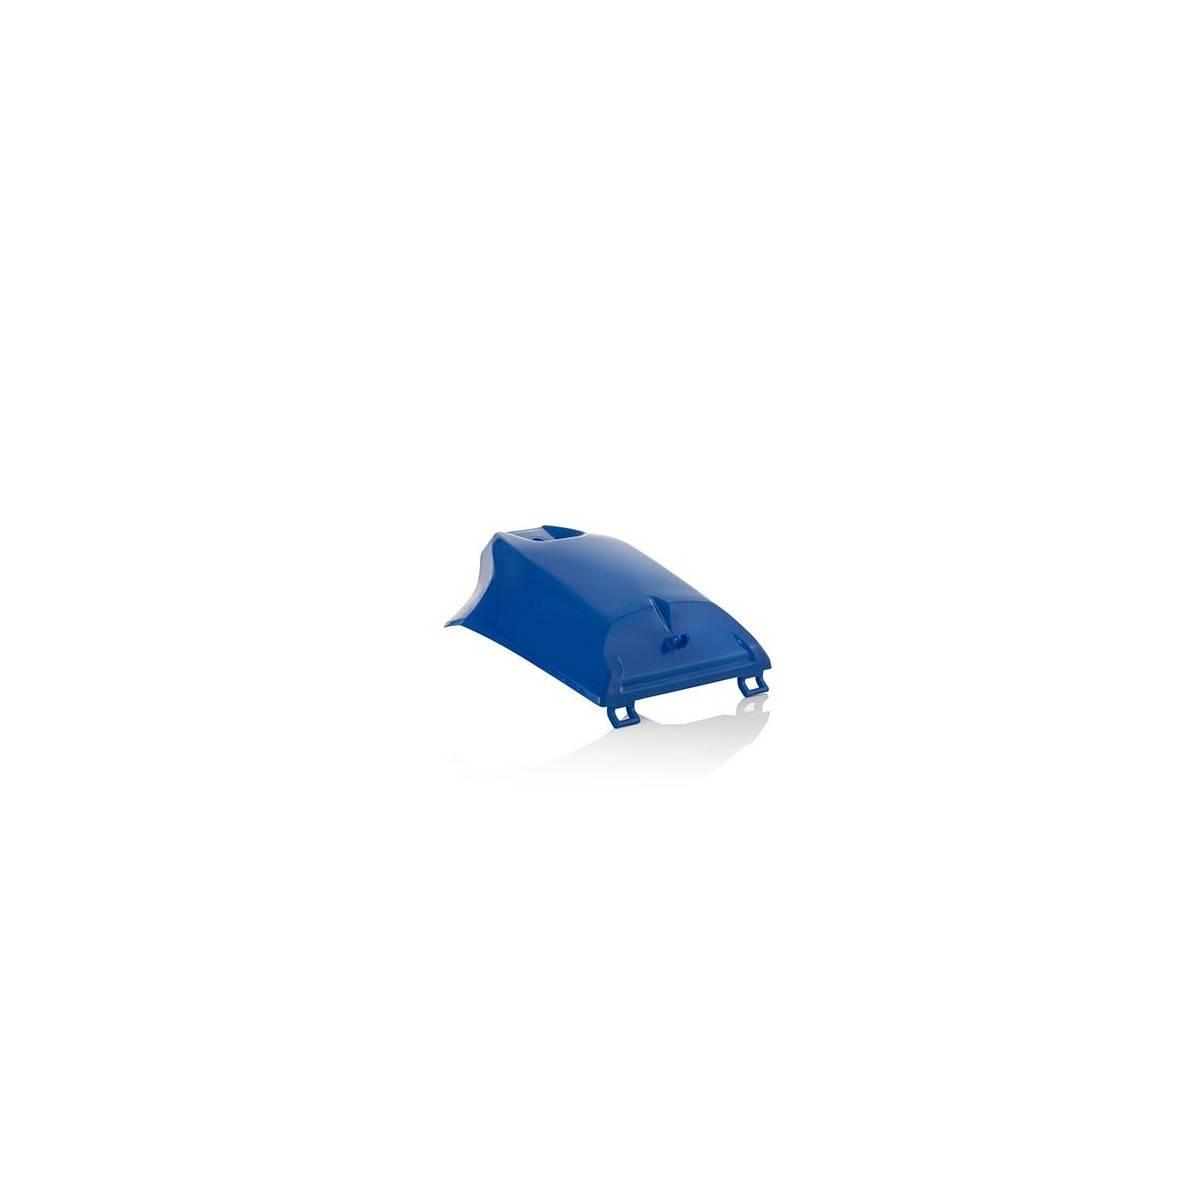 0022959-040 - Cubiertas Superiores Yzf450 14 17 Azul